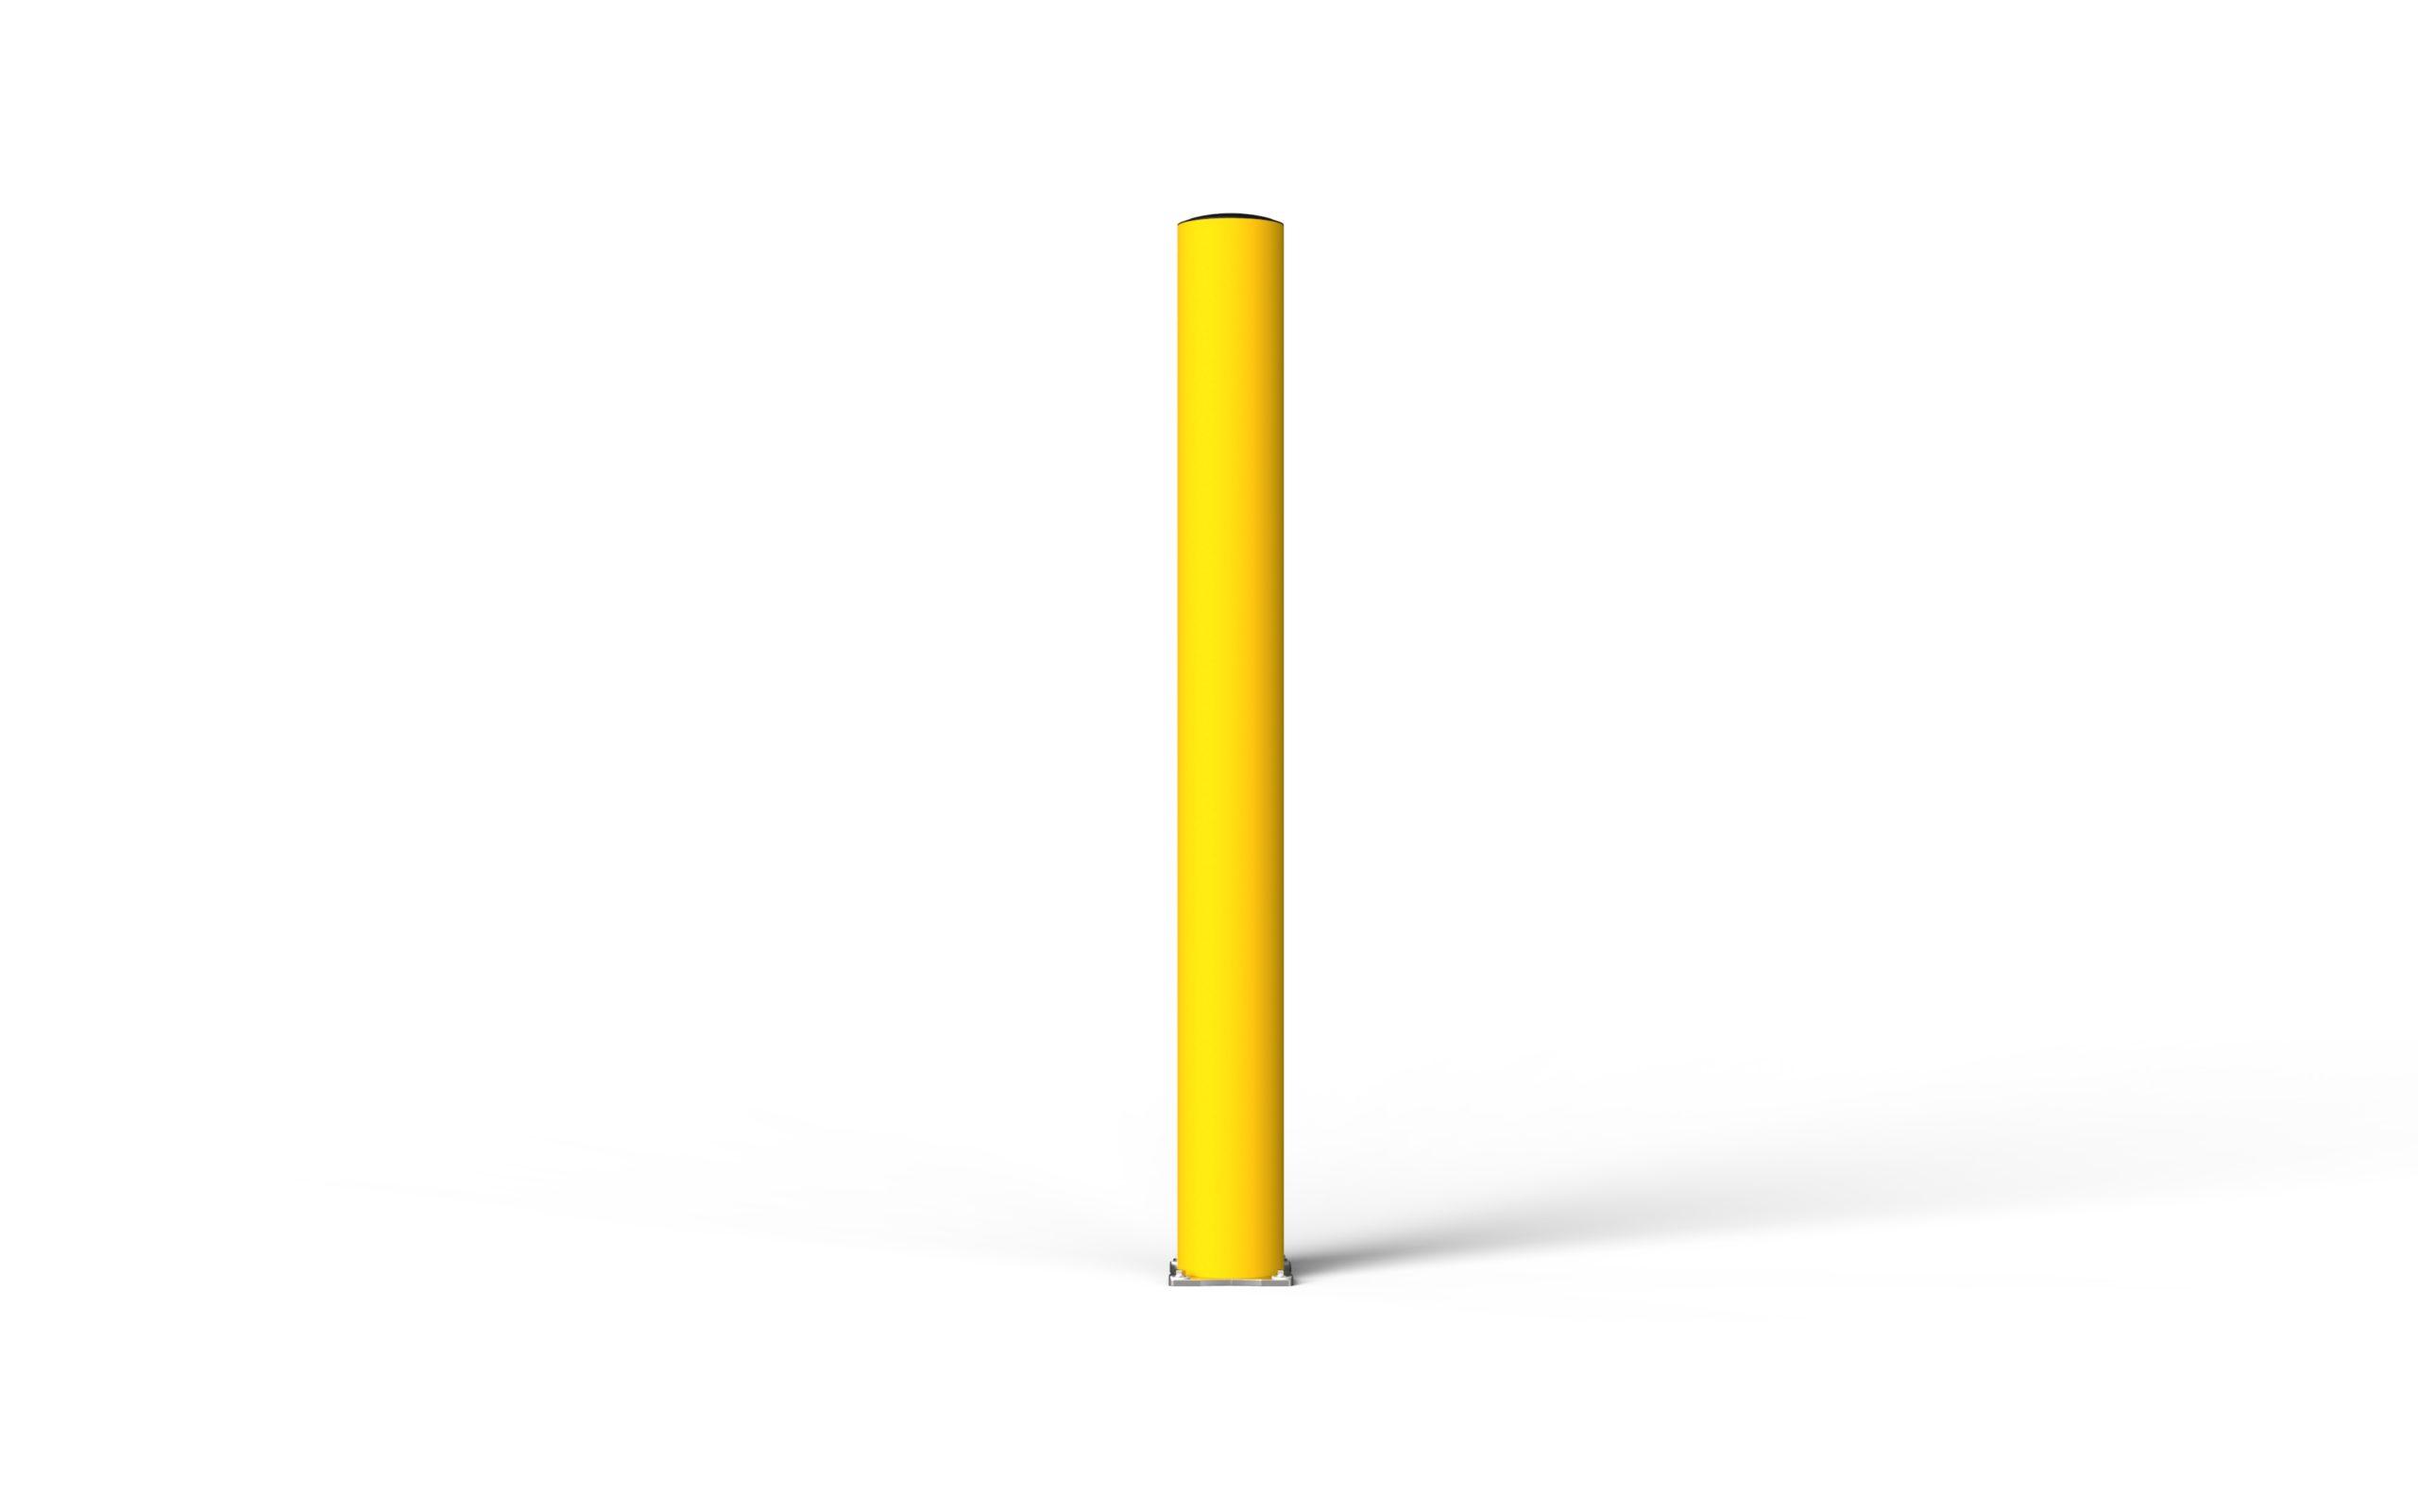 Schutzpoller boplan® BO Impact Ø200 – Höhe 2000 mm – gelb mit Edelstahlbodenplatte